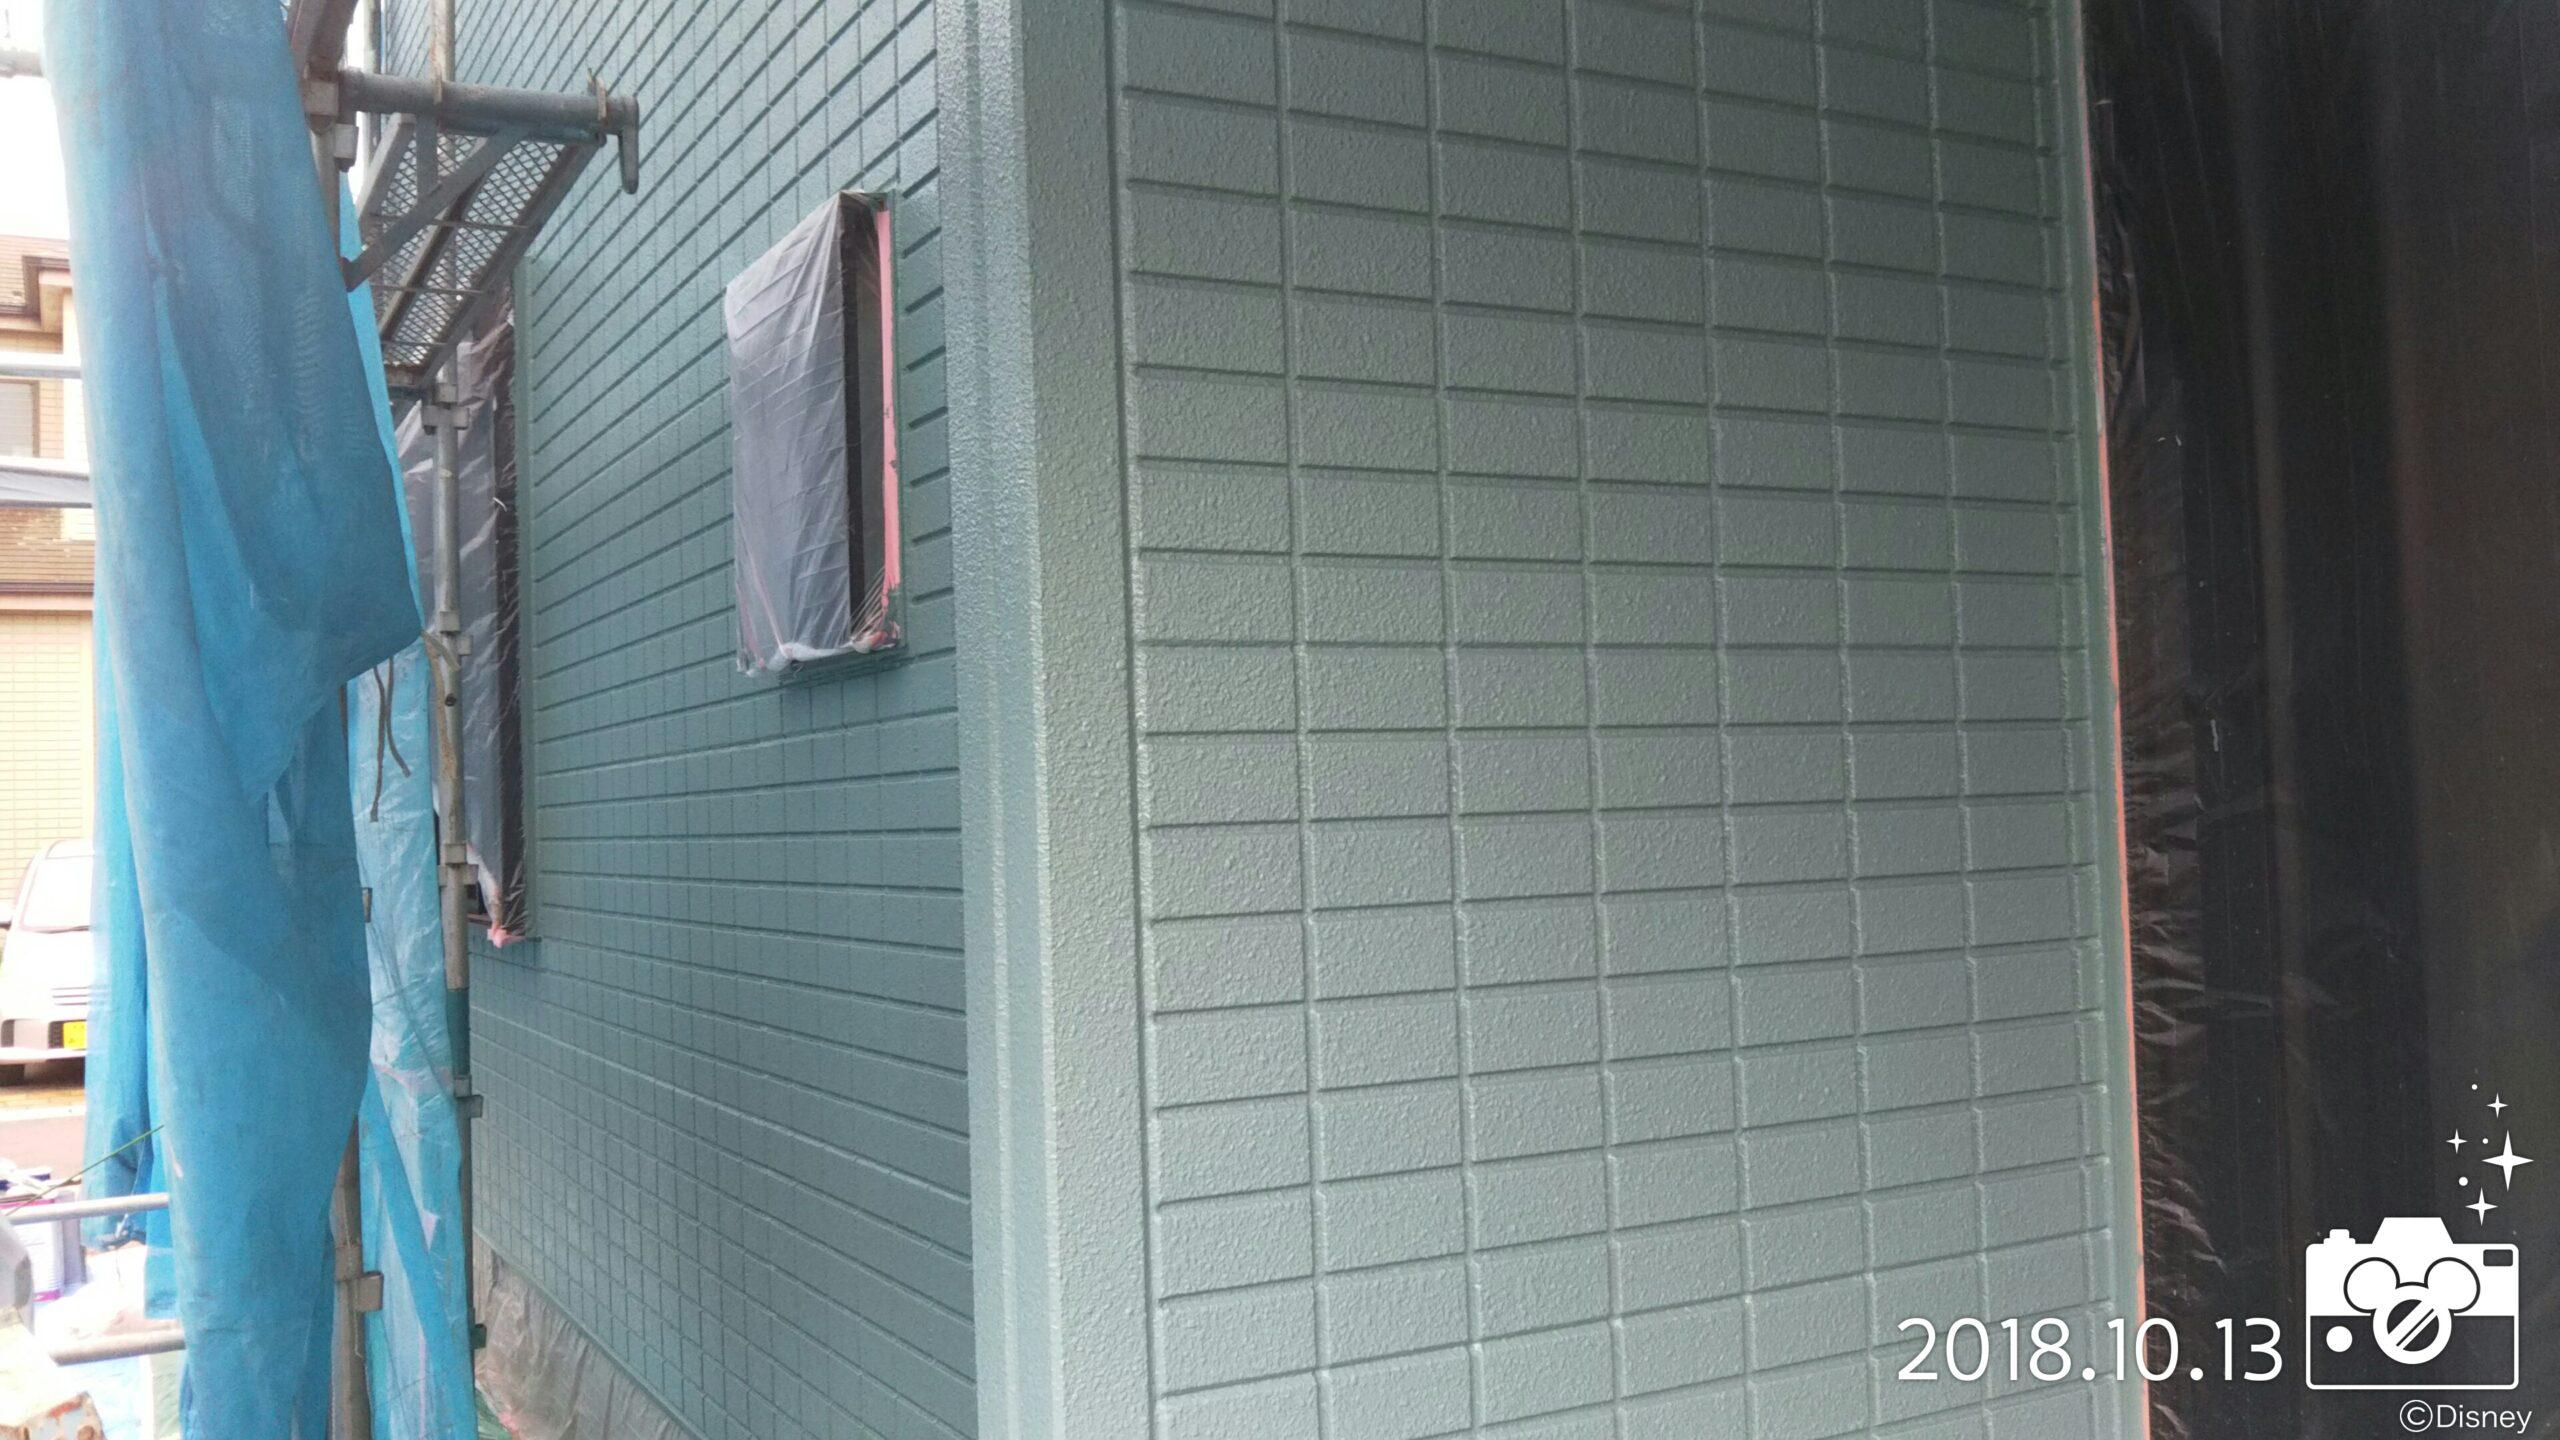 埼玉県さいたま市 外壁塗装|さいたま市岩槻区の木造2階建てのM様邸にて塗り替えリフォーム中